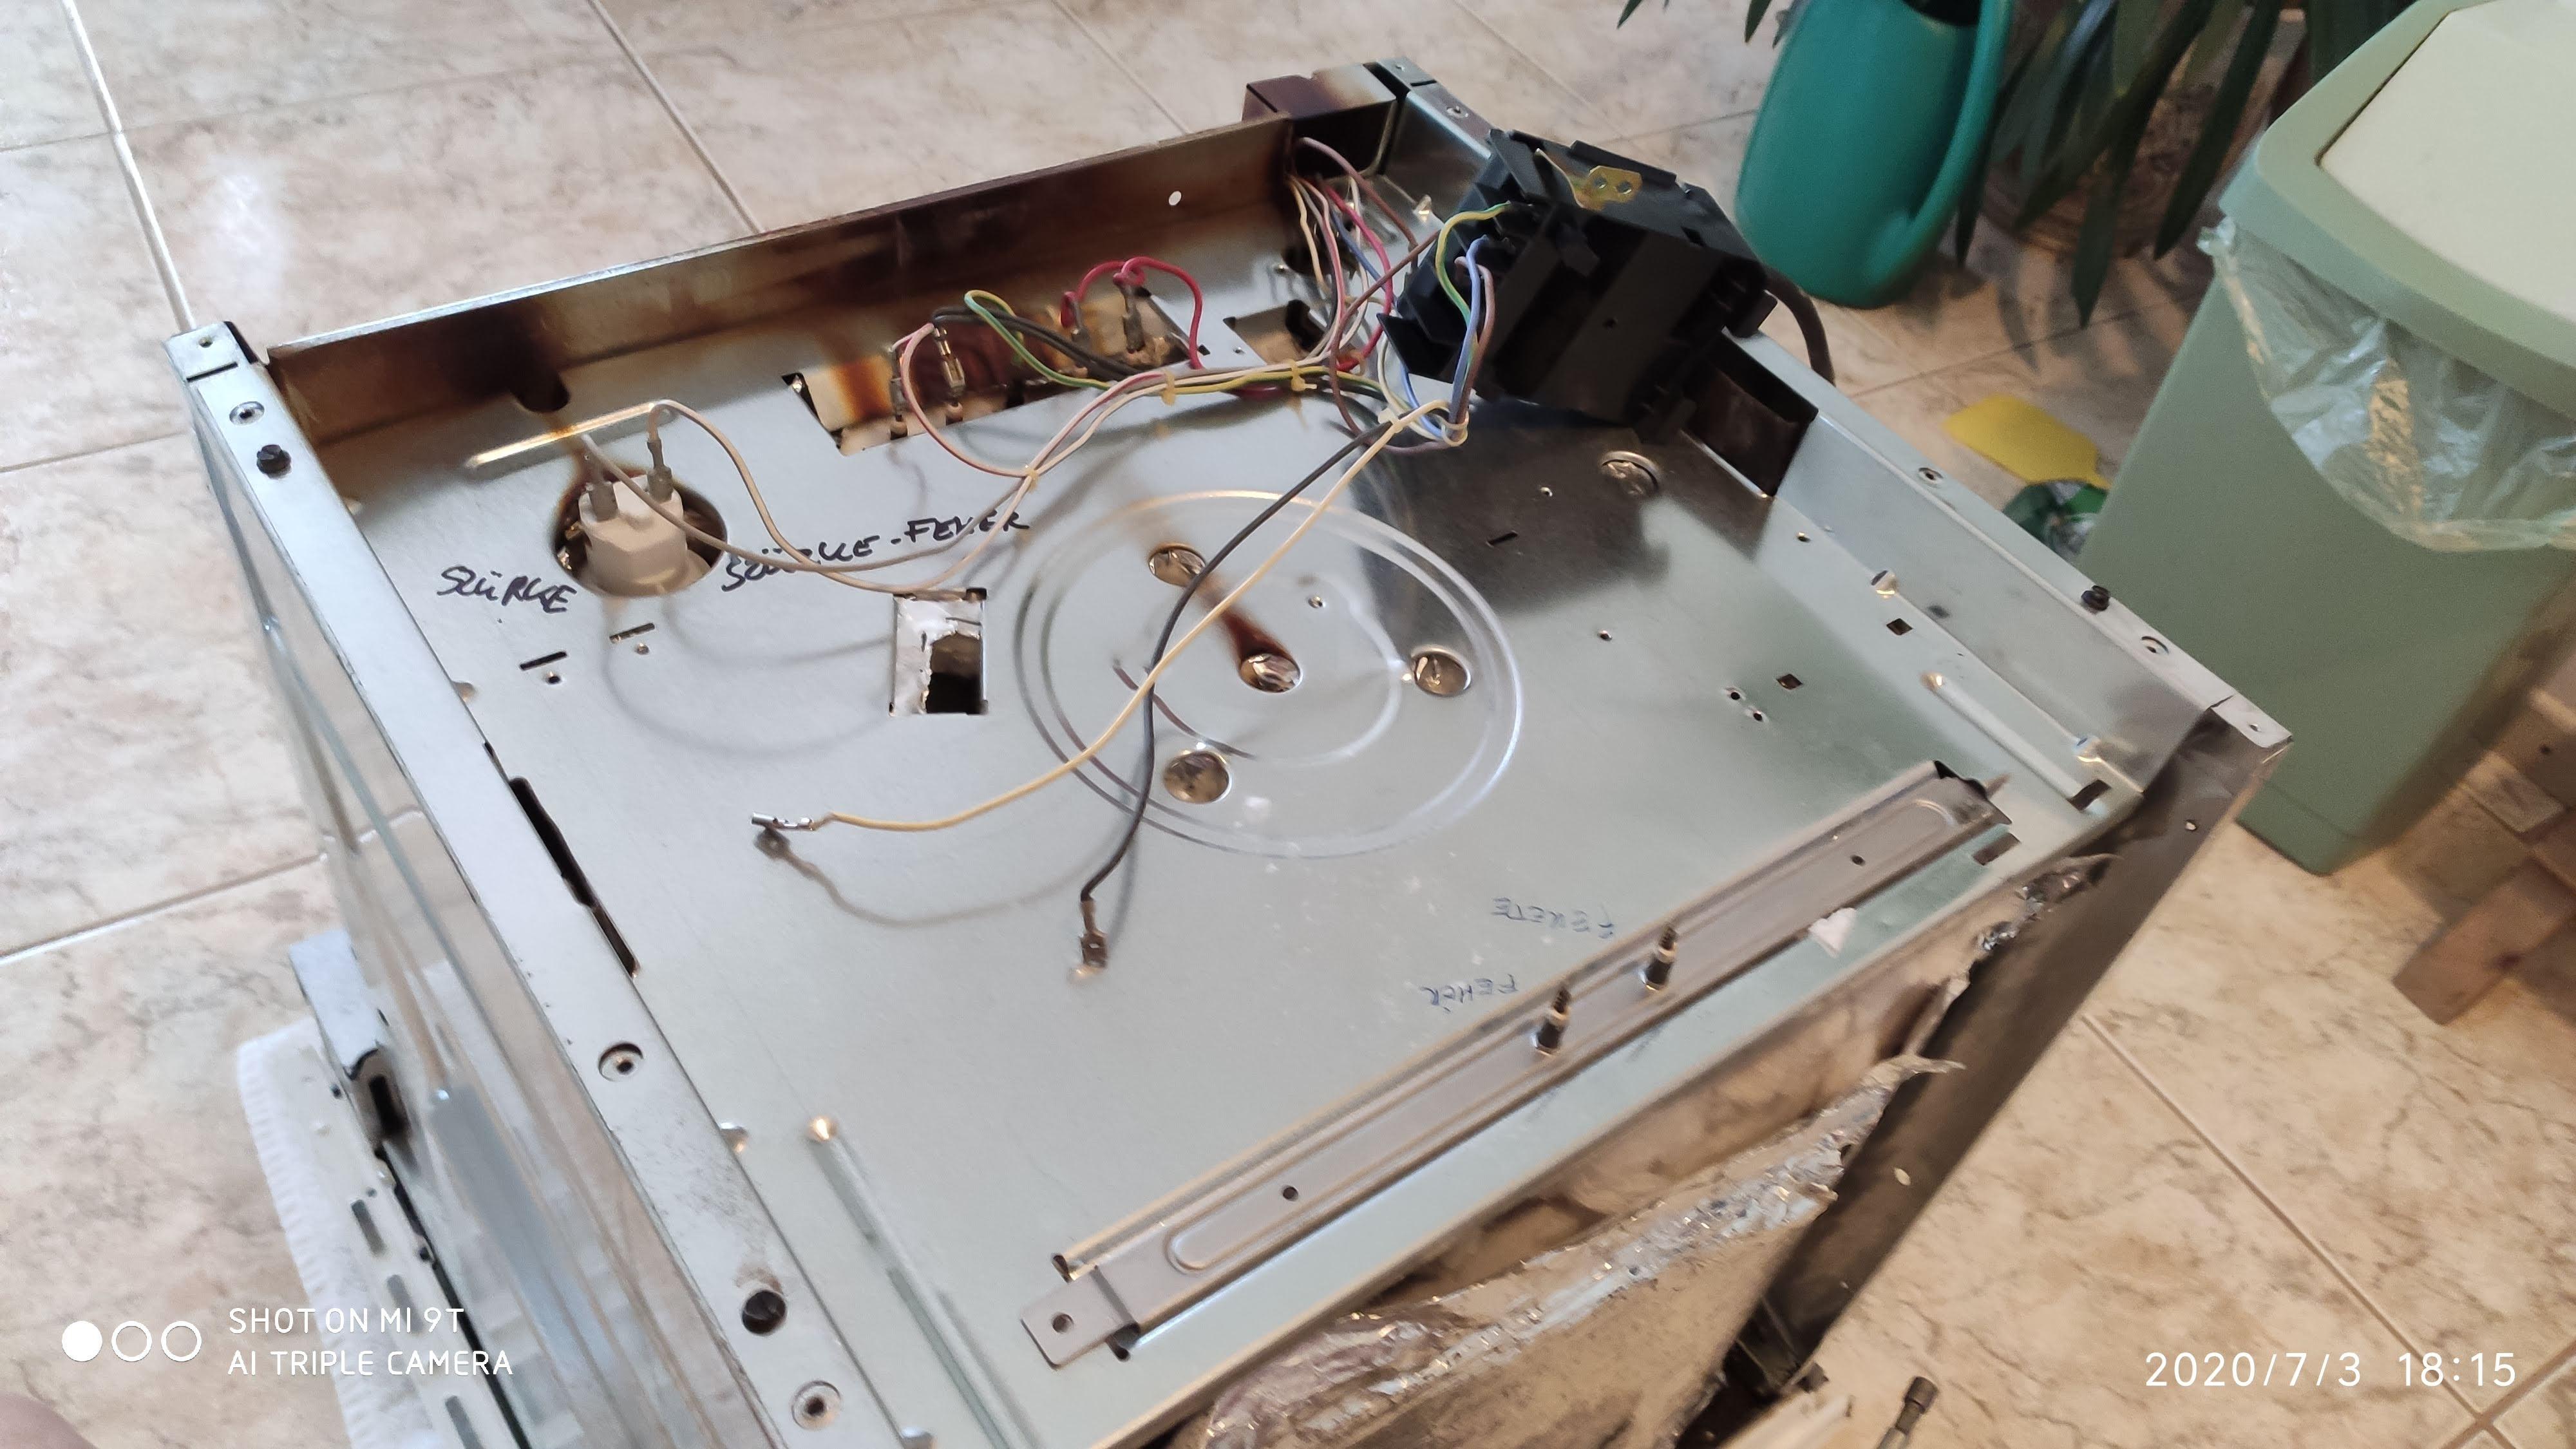 1 csavar tartja. Mondjuk az tök mindegy, hogy a vezetékek melyik csatlakozóra mennek, de azért betartjuk a gyári bekötést. Fekete villamos doboz vissza, lehet kipróbálni , majd összerakni!